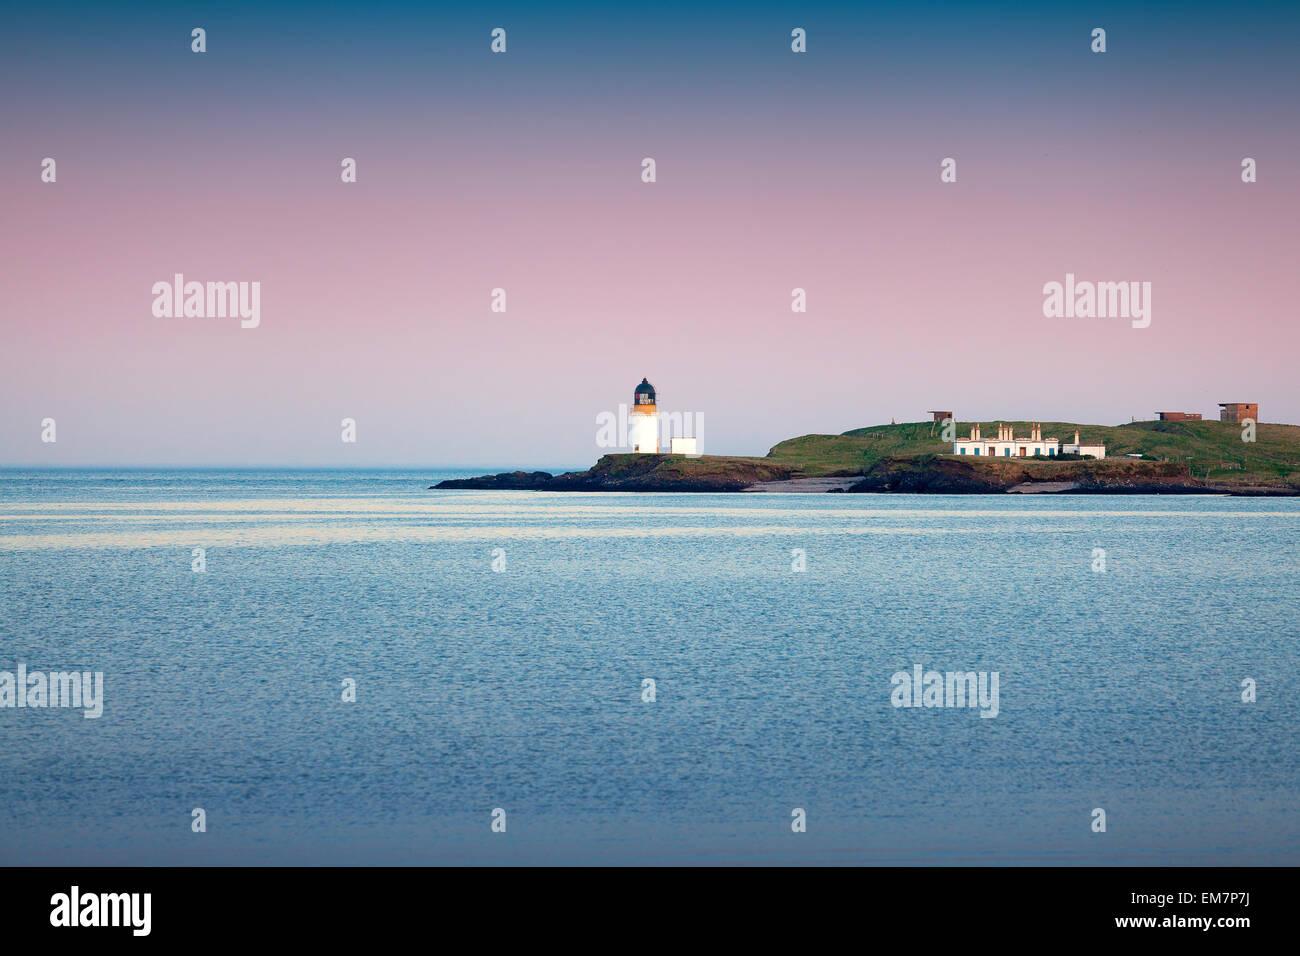 Isle of Lewis, Scotland : colorful sunset at Arnish Point Lighthouse - Stock Image